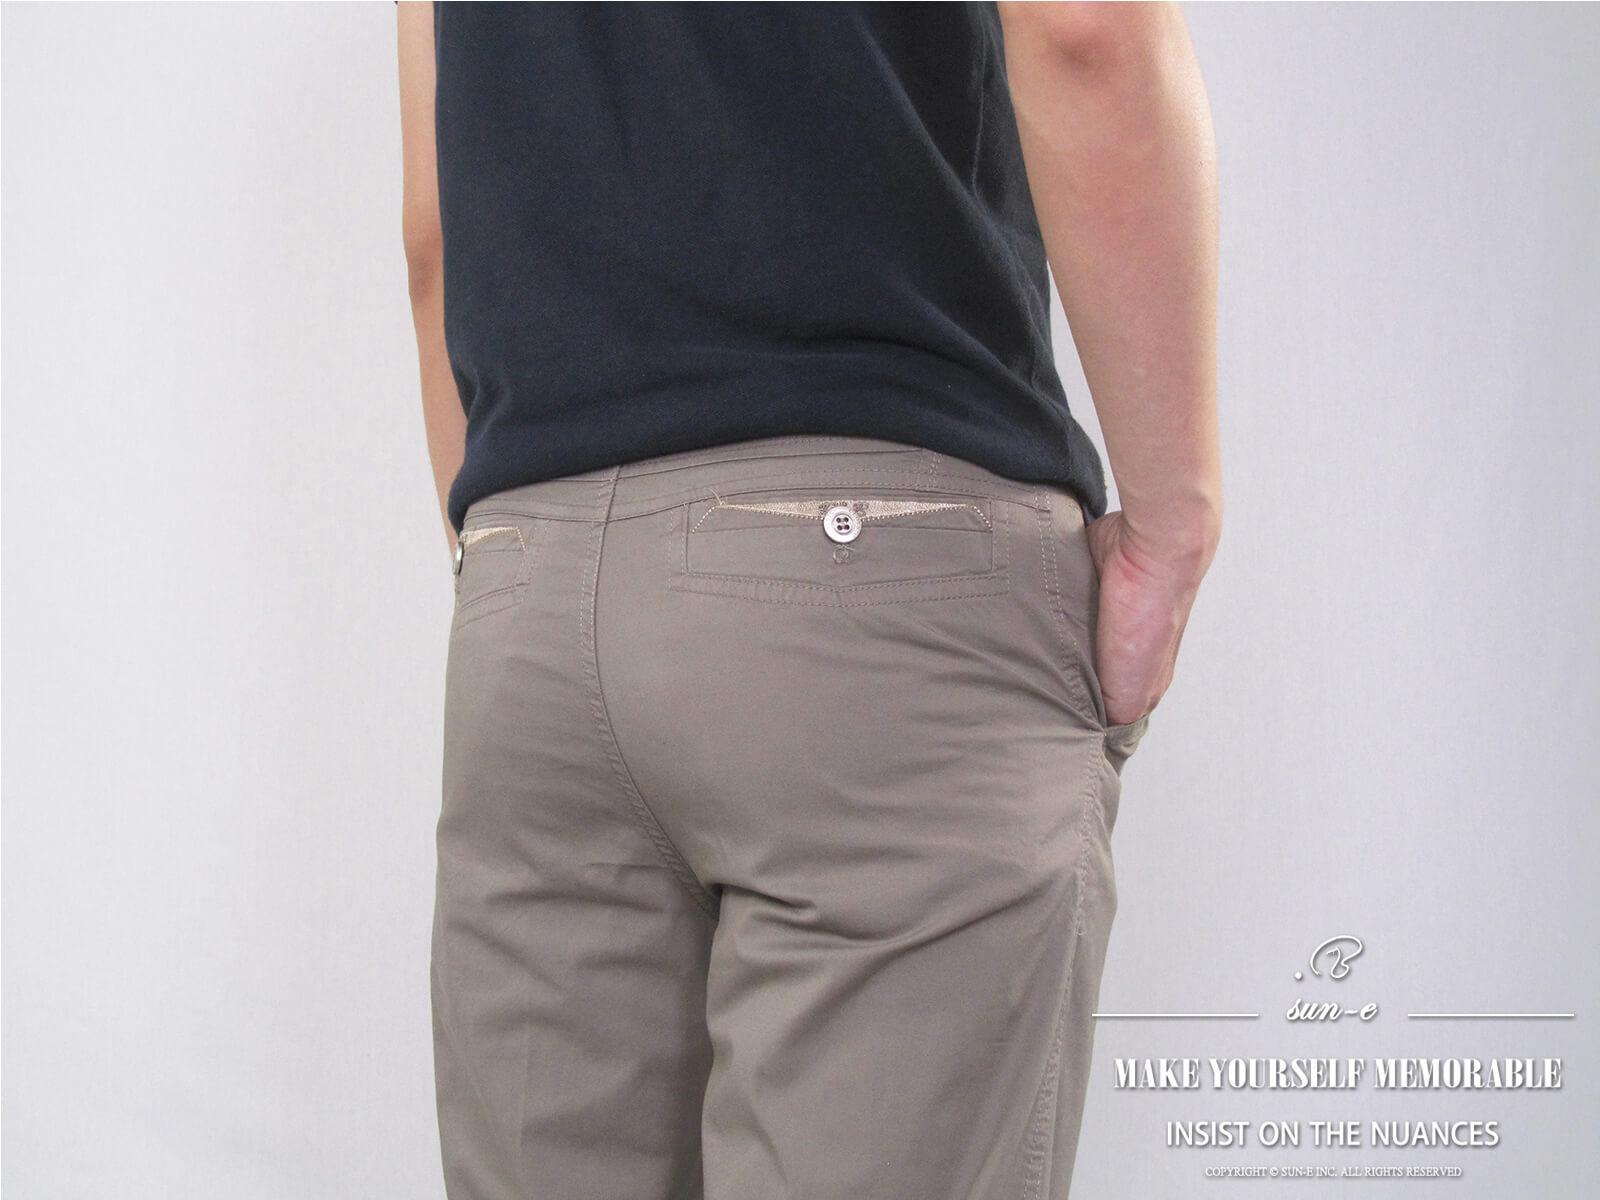 加大尺碼精梳棉平面休閒長褲 大尺寸顯瘦彈性長褲 時尚卡其長褲 PANTS (327-8106-01)銀灰色、(327-8106-02)卡其色 L XL 2L 3L 4L 5L (腰圍30~40英吋) [實體店面保障] sun-e 2